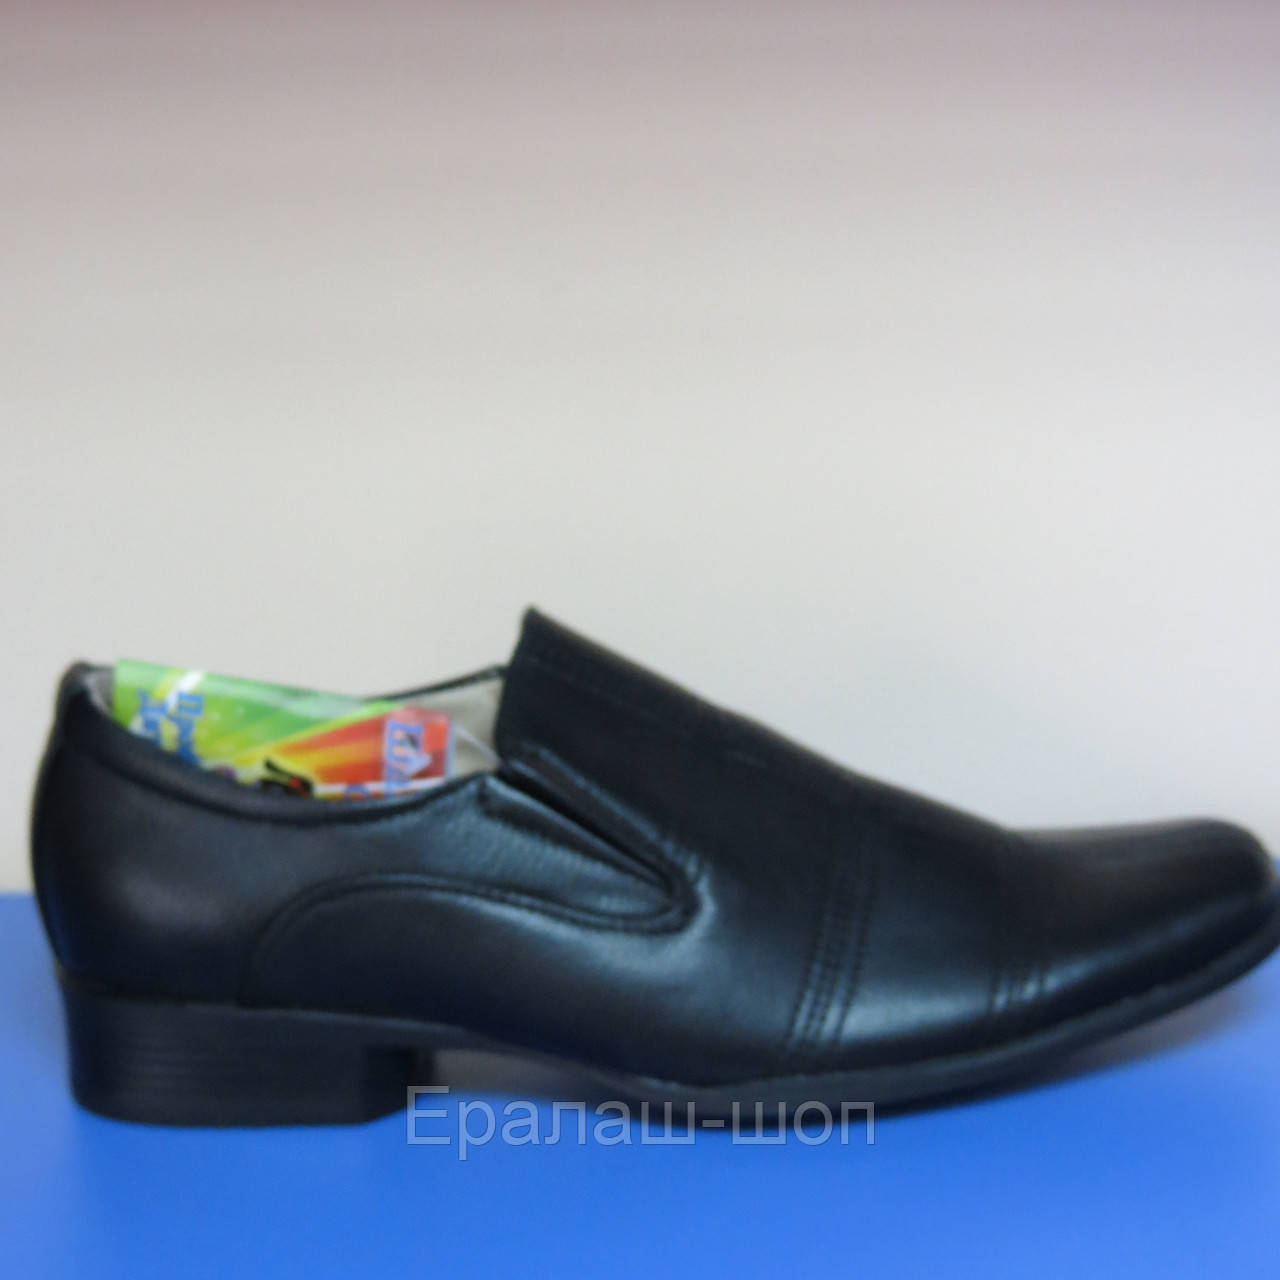 448c8bc15 Распродажа!Туфли для мальчика Шалунишка 36р, цена 250 грн., купить в ...